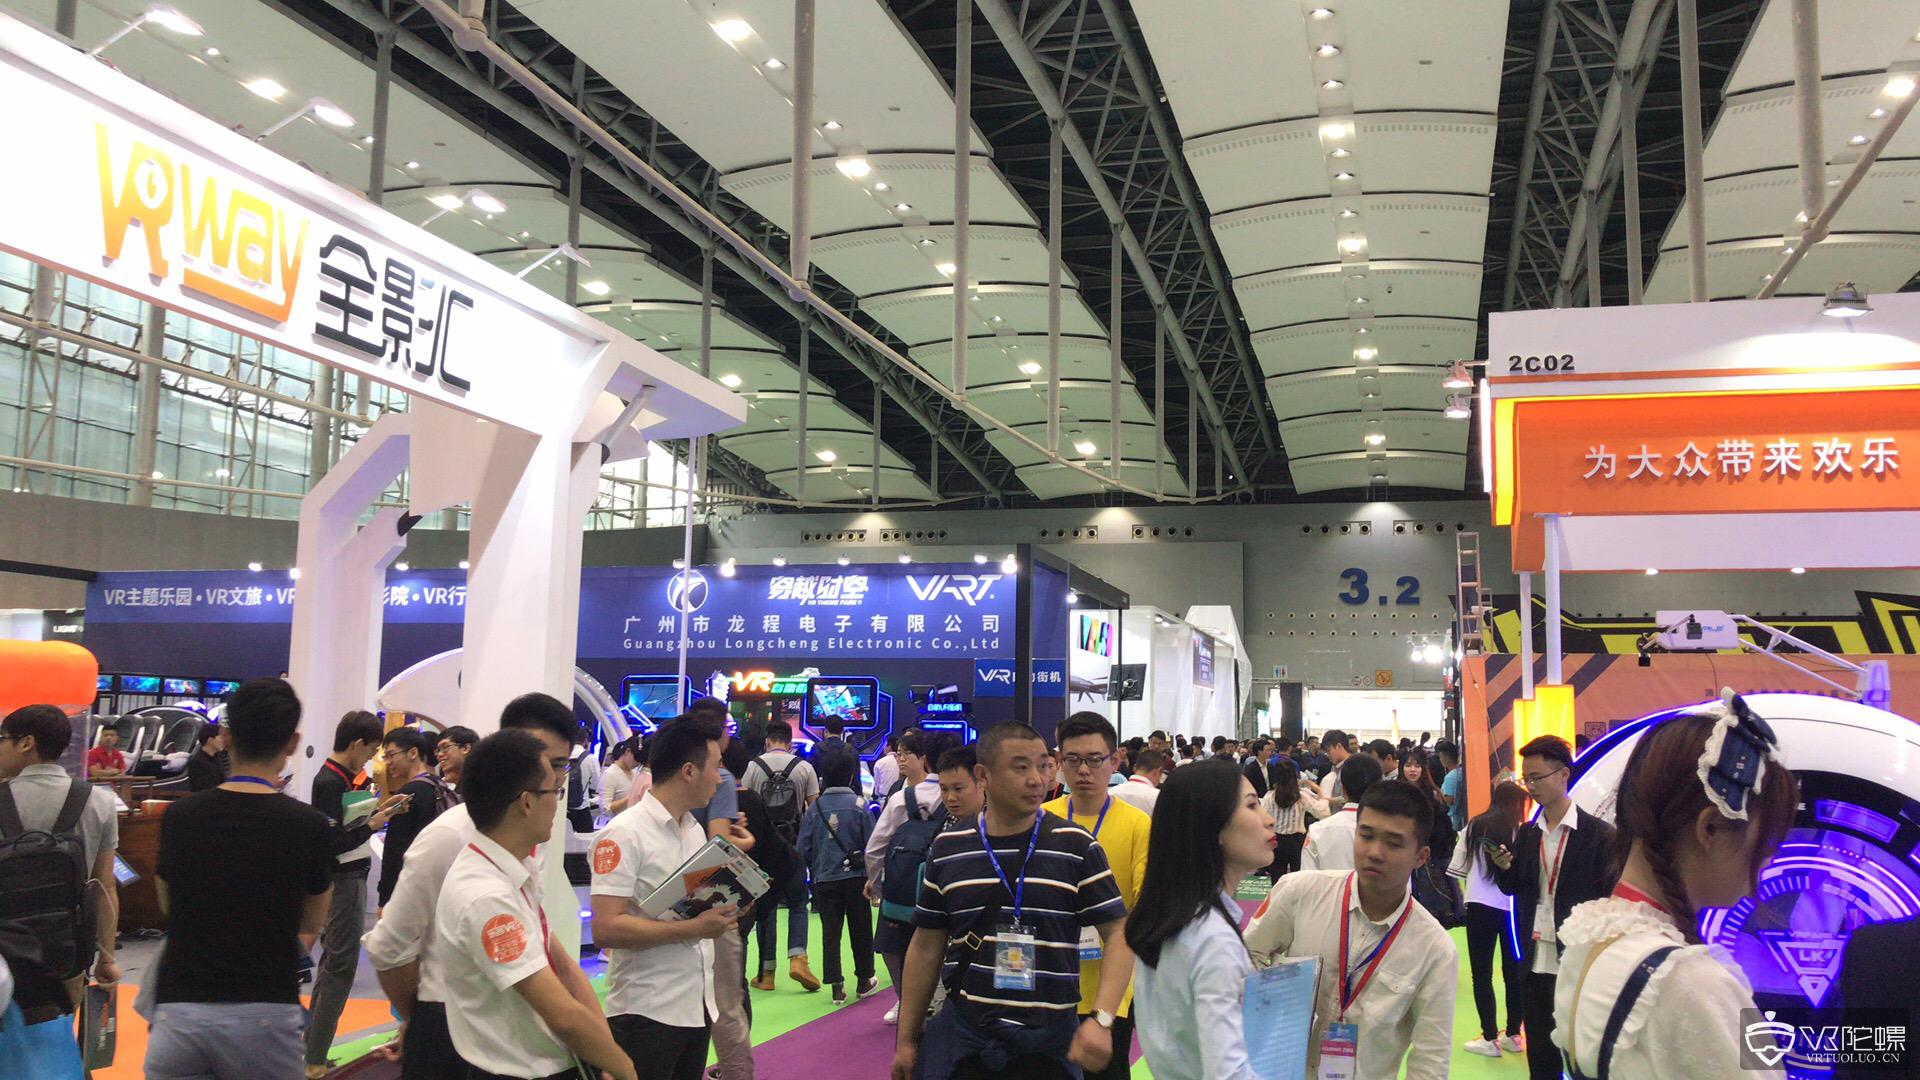 2019亚洲VR&AR博览会暨高峰论坛广州盛大开幕